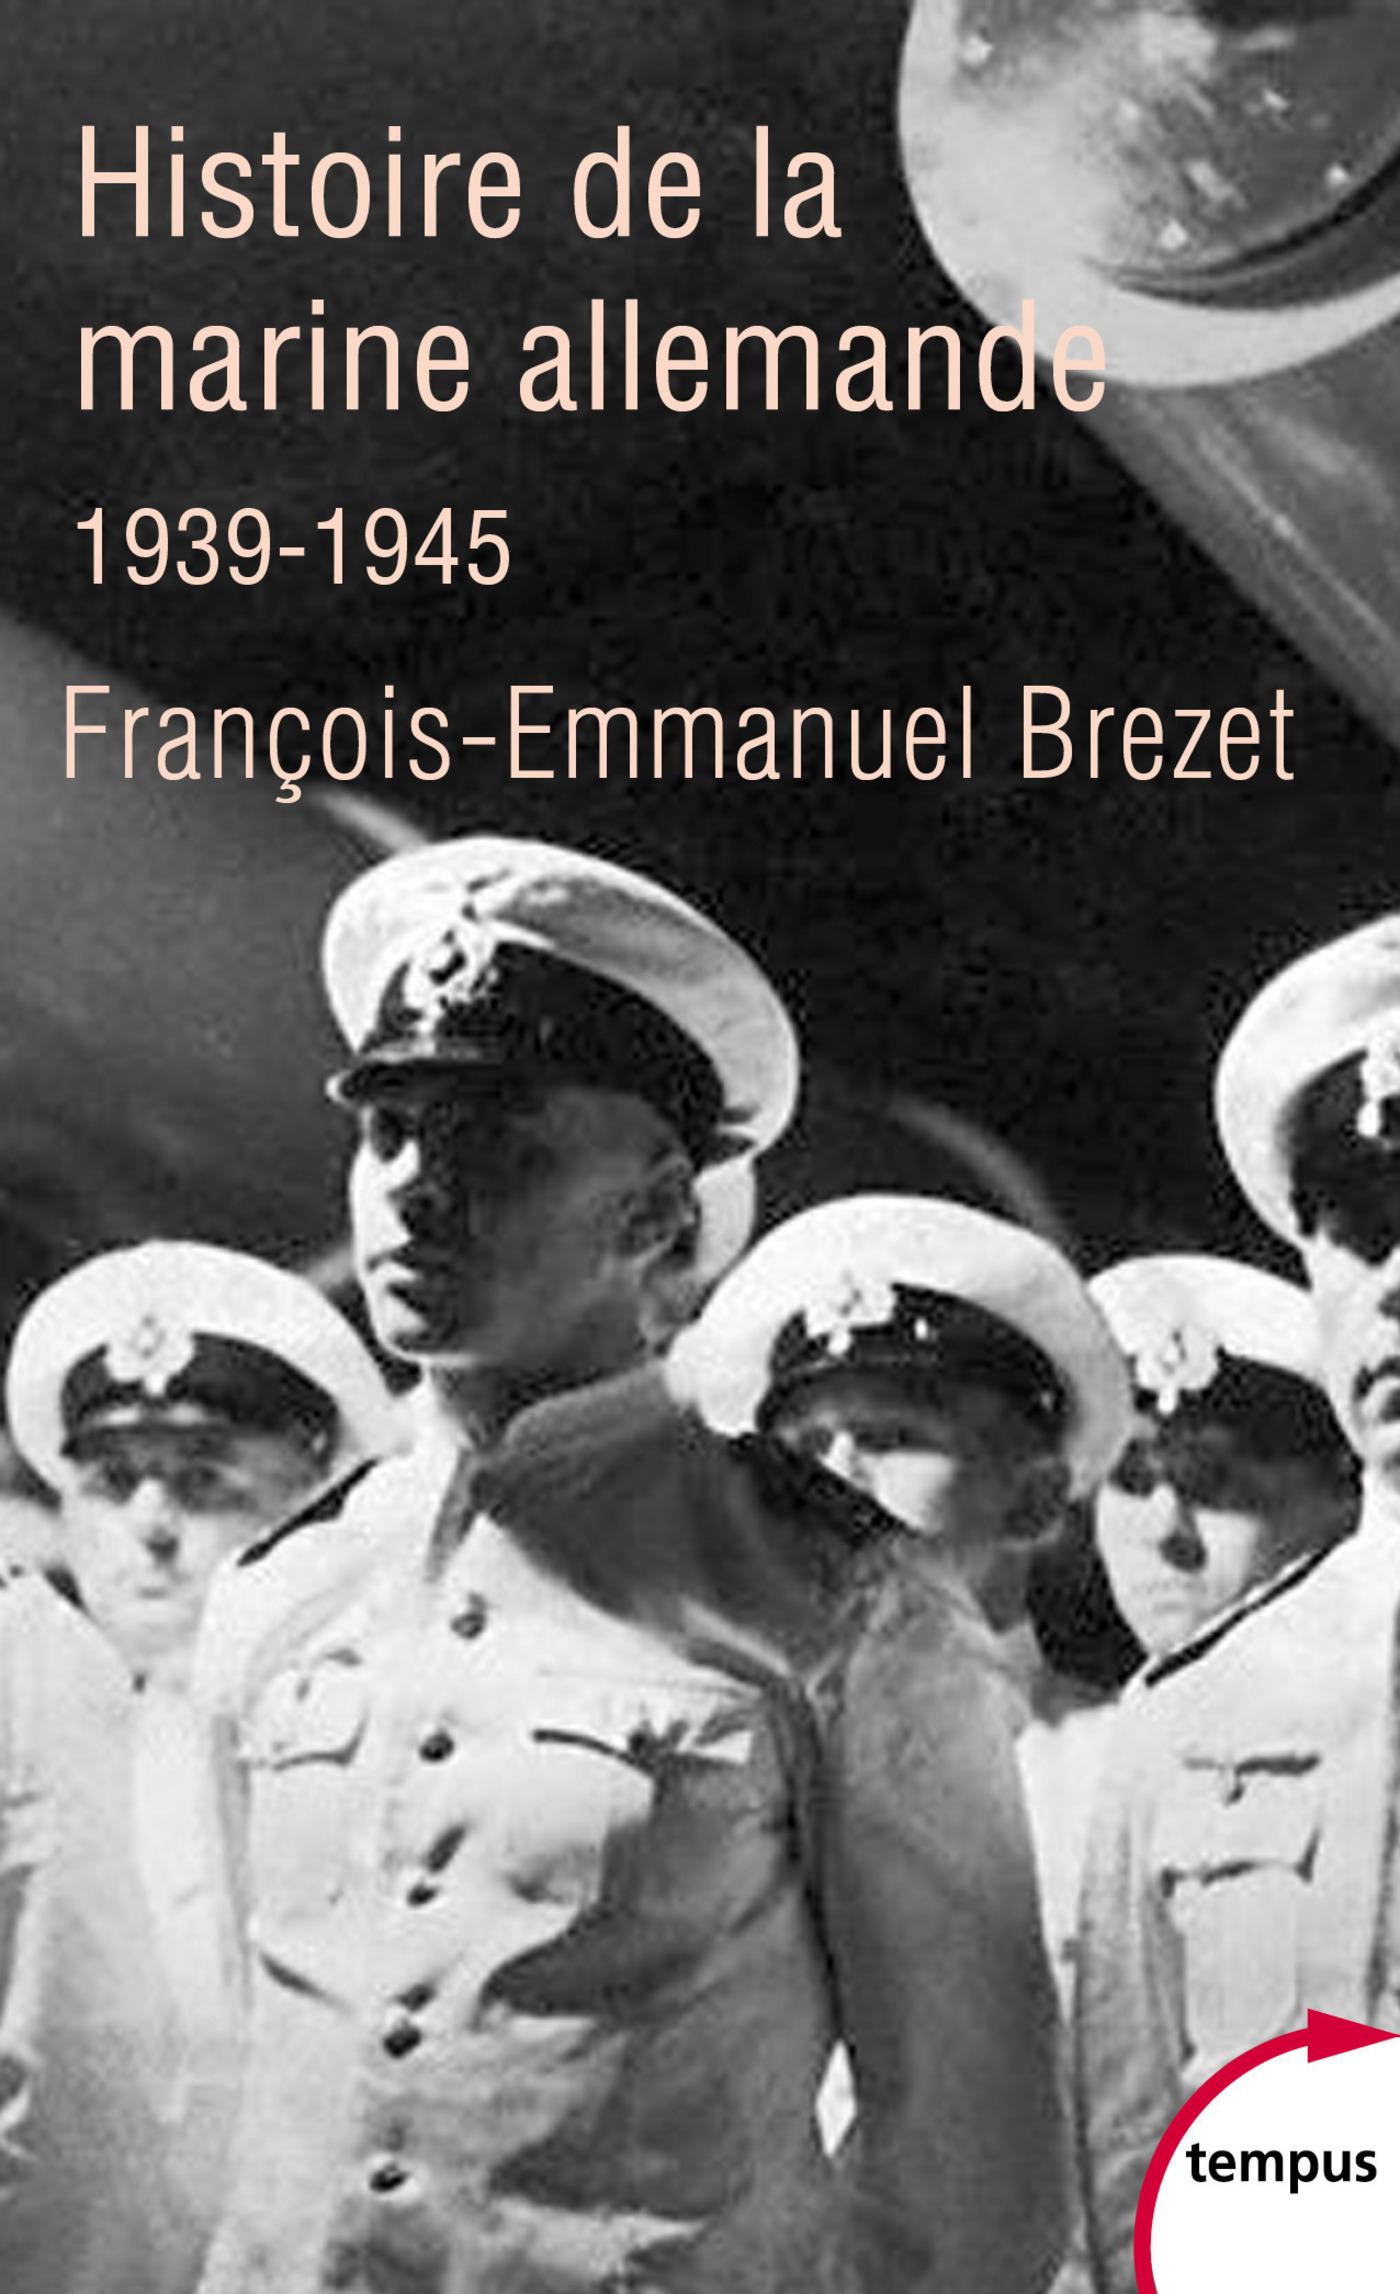 Histoire de la marine allemande (1939-1945) (ebook)